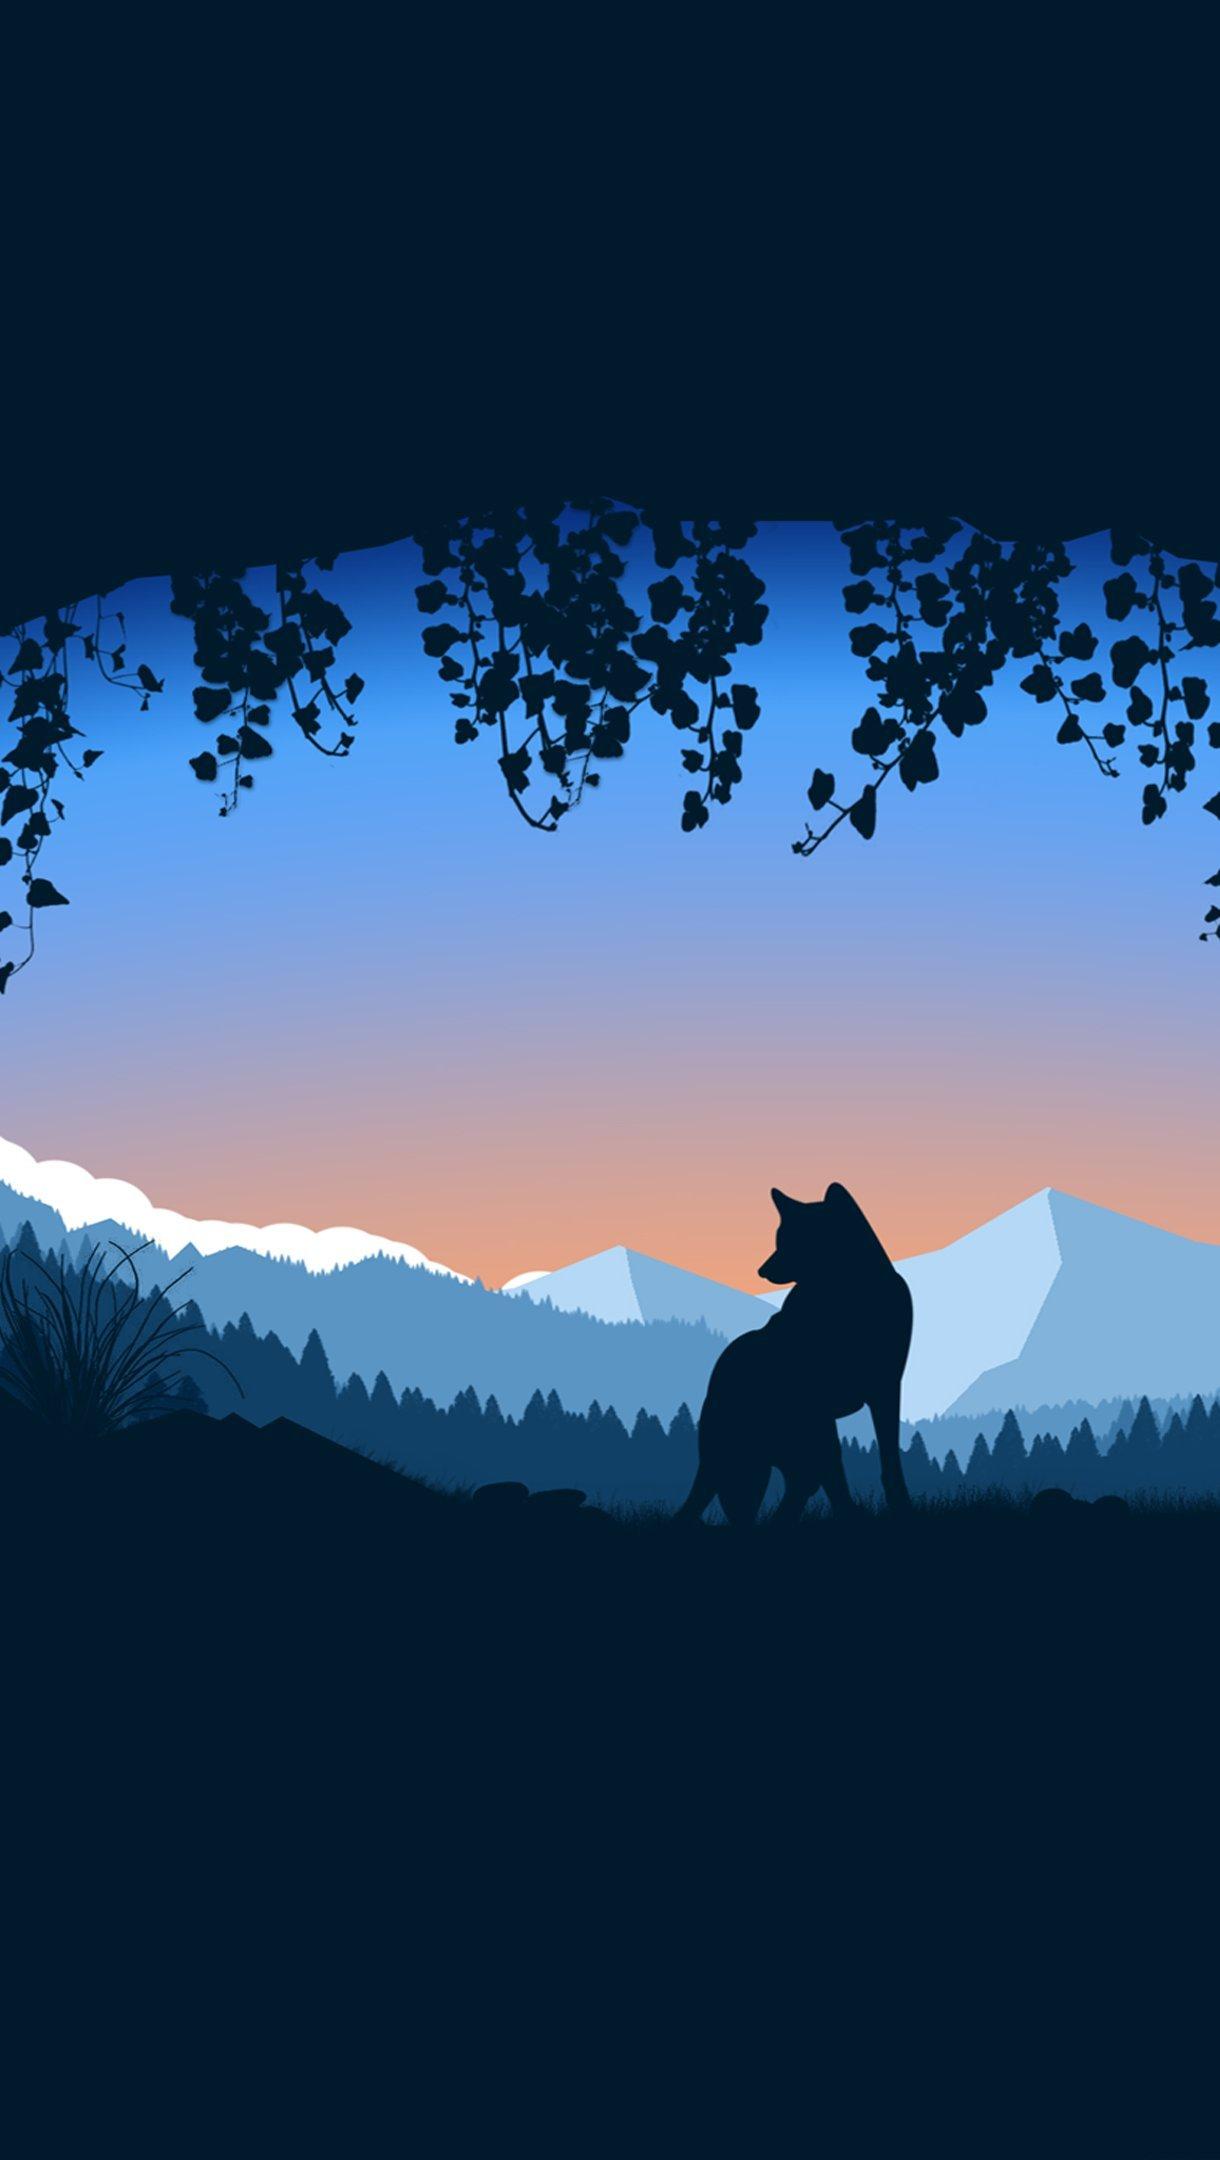 Fondos de pantalla Lobo en cueva sobre montañas Vertical